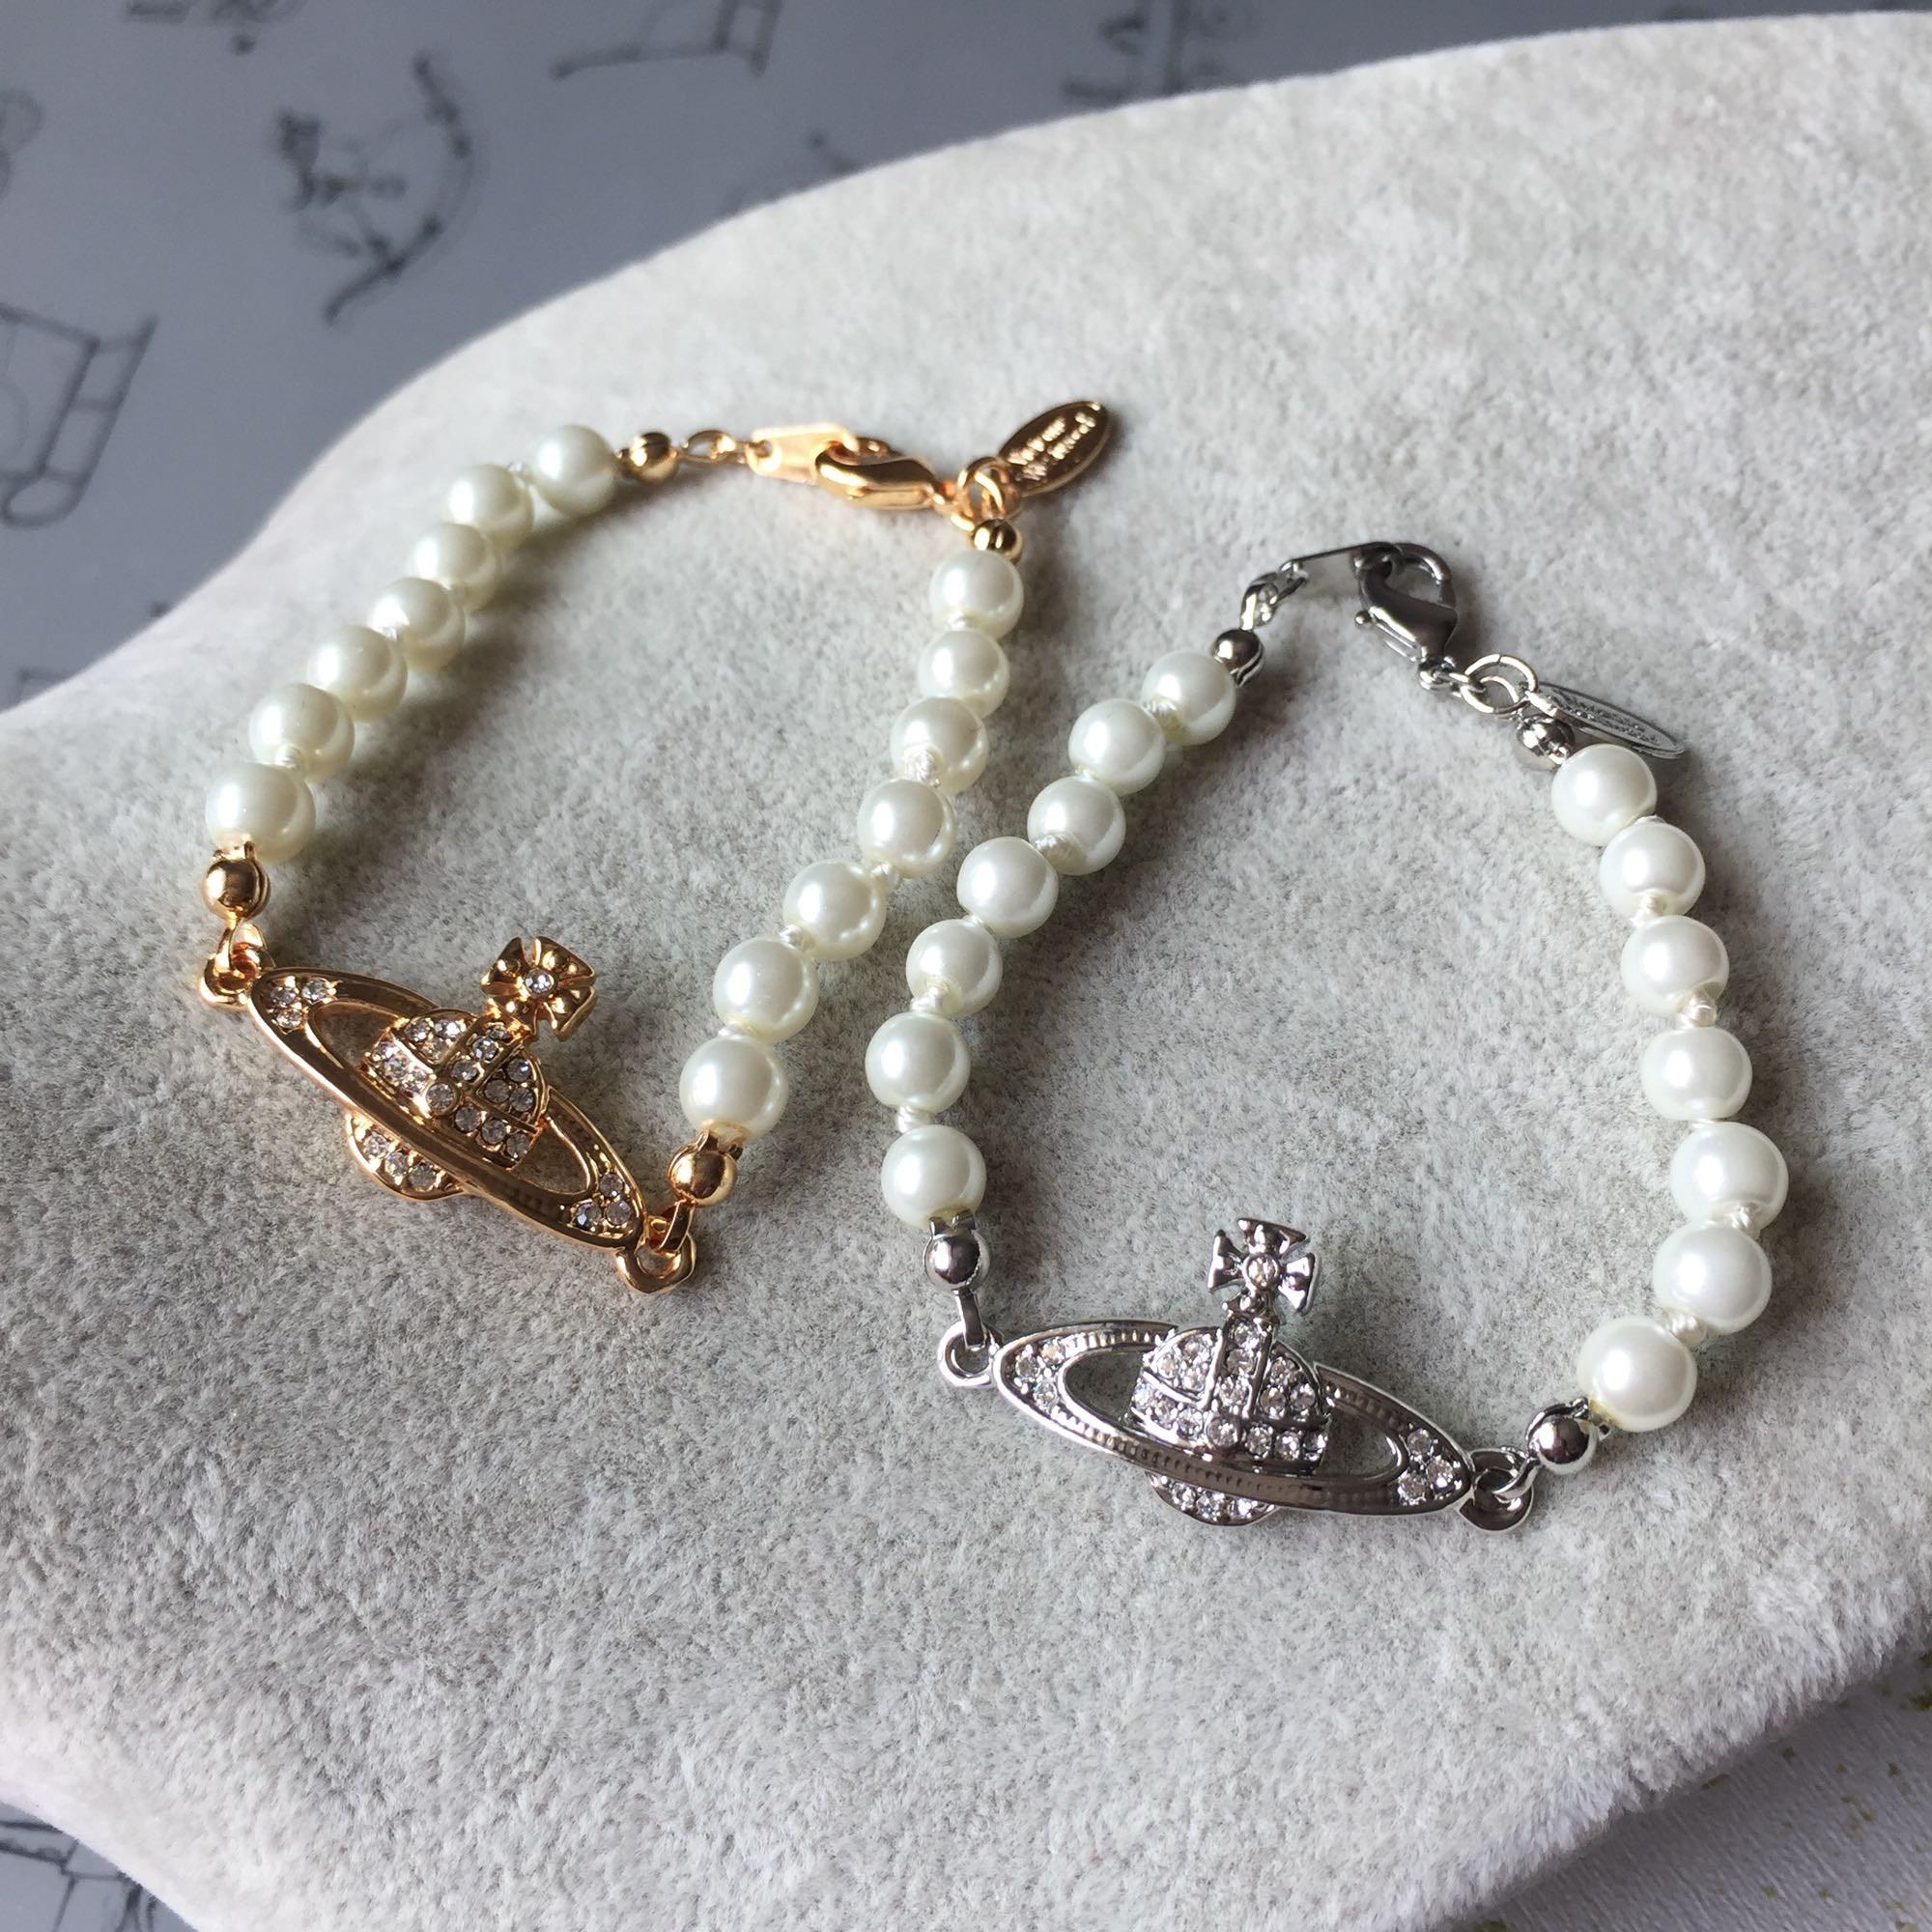 欧美饰品首饰经典简约风格满钻土星珍珠手链银色金色s018s019包邮